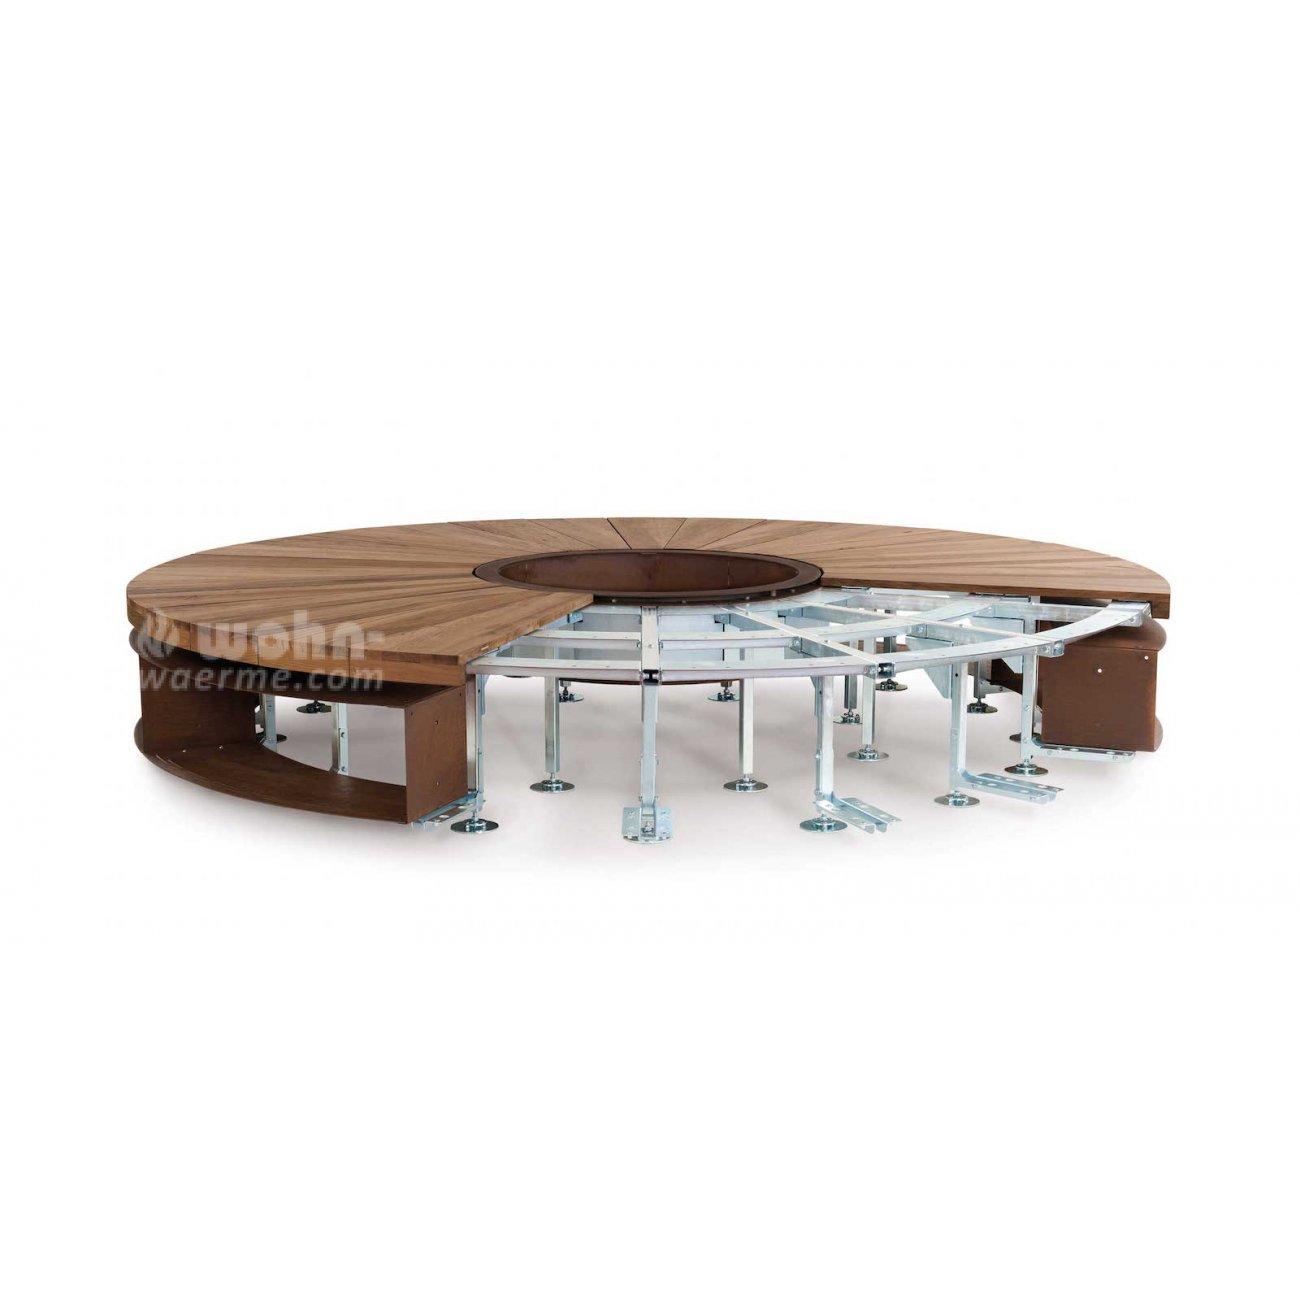 design feuerstelle mit sitzbank von ak47. Black Bedroom Furniture Sets. Home Design Ideas